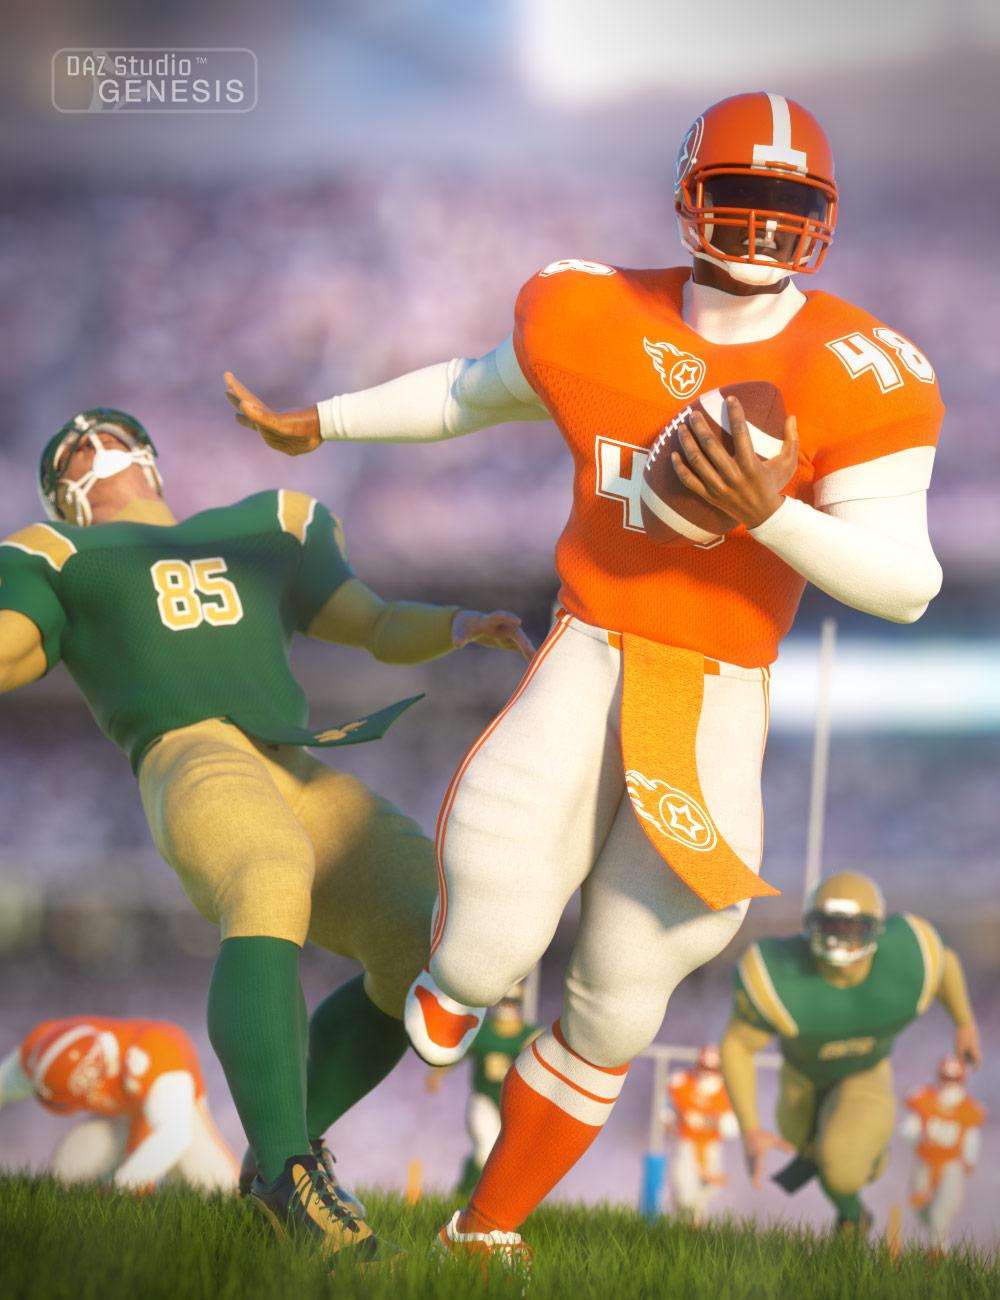 Football Uniform Textures by: Sarsa, 3D Models by Daz 3D